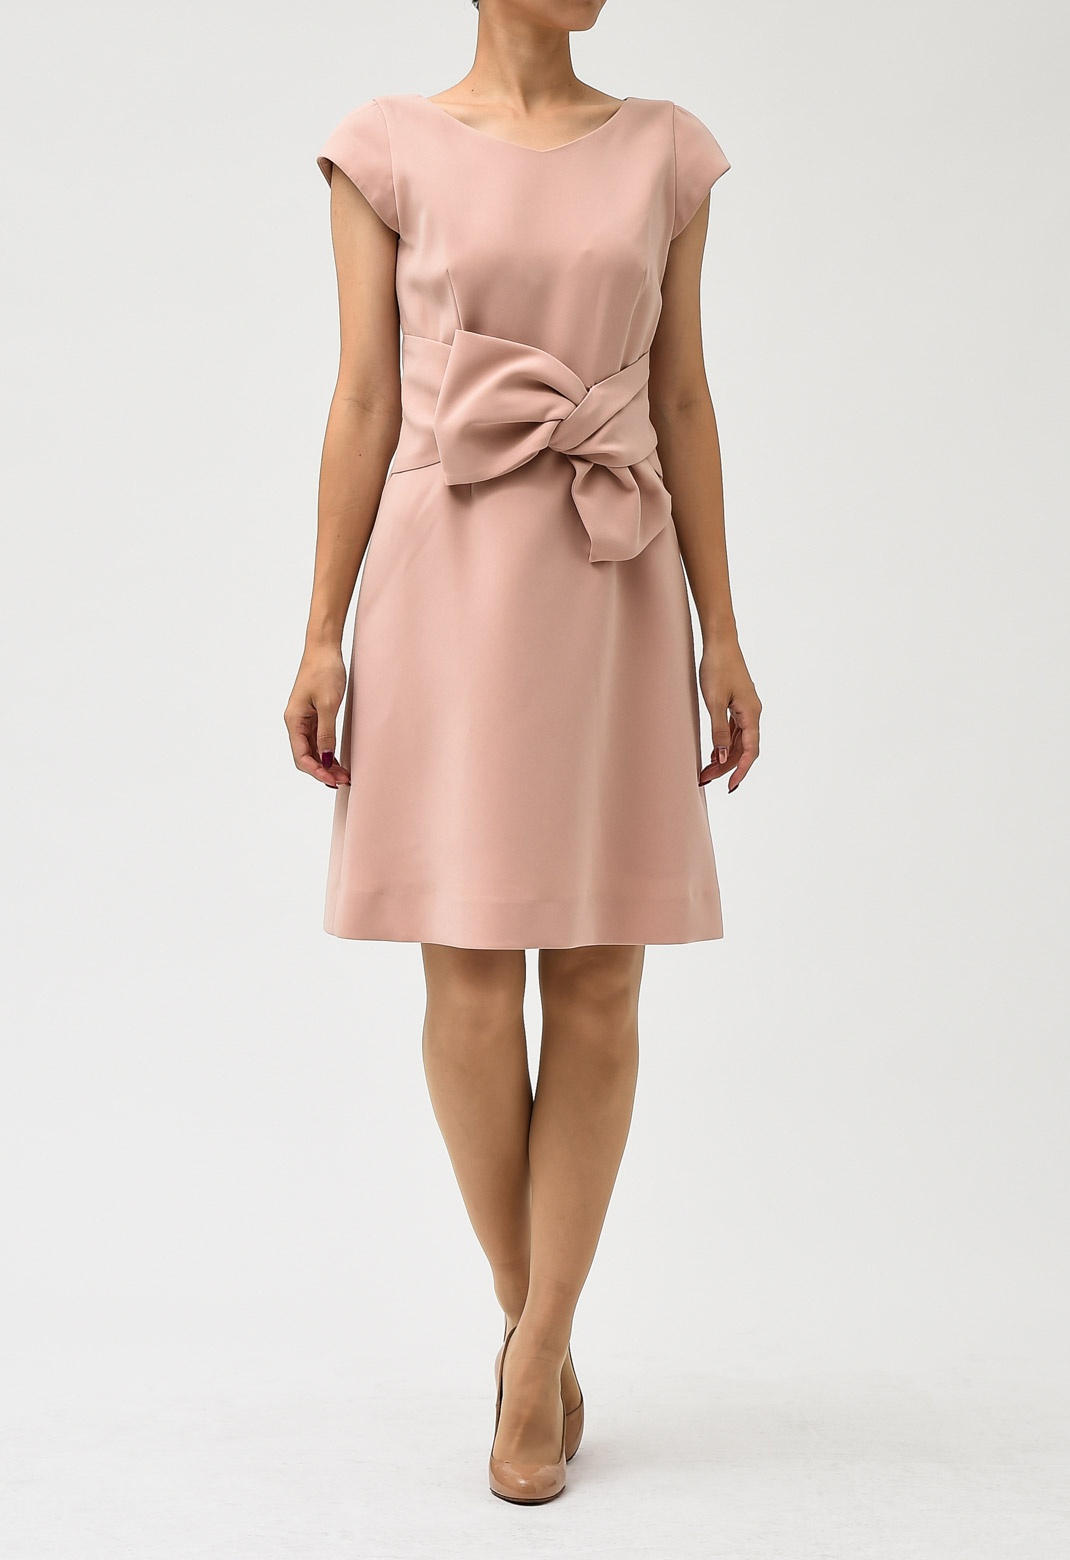 【オンライン限定】フレンチスリーブ リボン ドレス